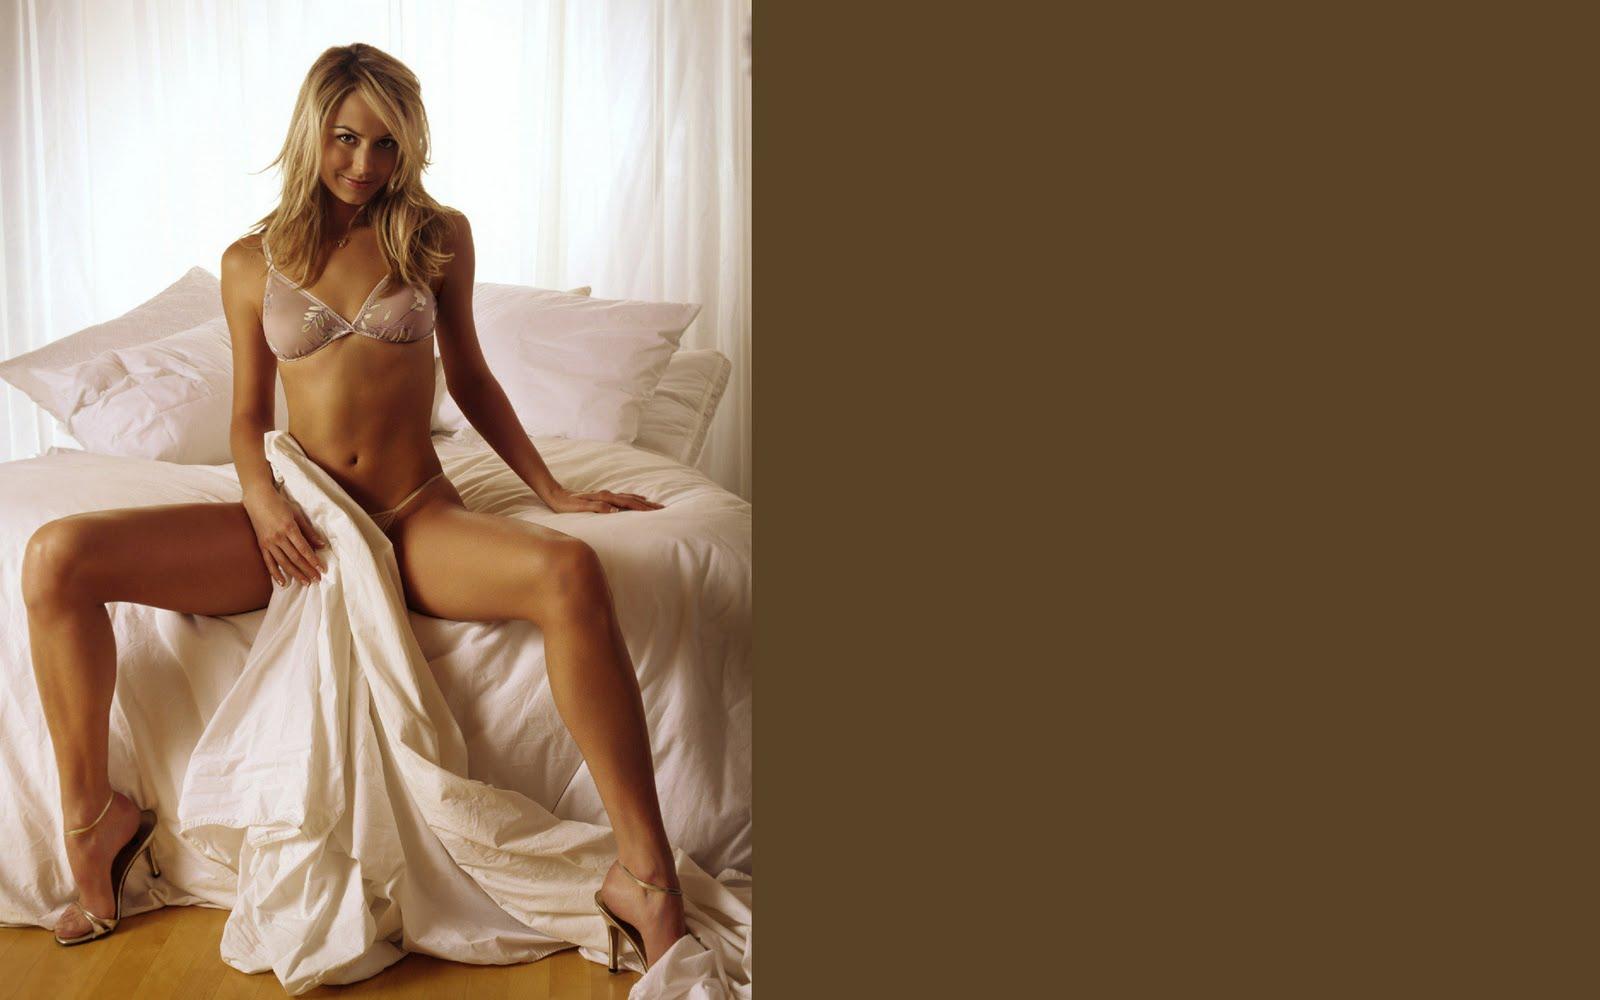 http://1.bp.blogspot.com/-ofoKgk6l_n4/TrPeqLMWBgI/AAAAAAAAC_c/DrDTtsSxYII/s1600/Stacy-Keibler-desktop-Wallpapers-22.jpg